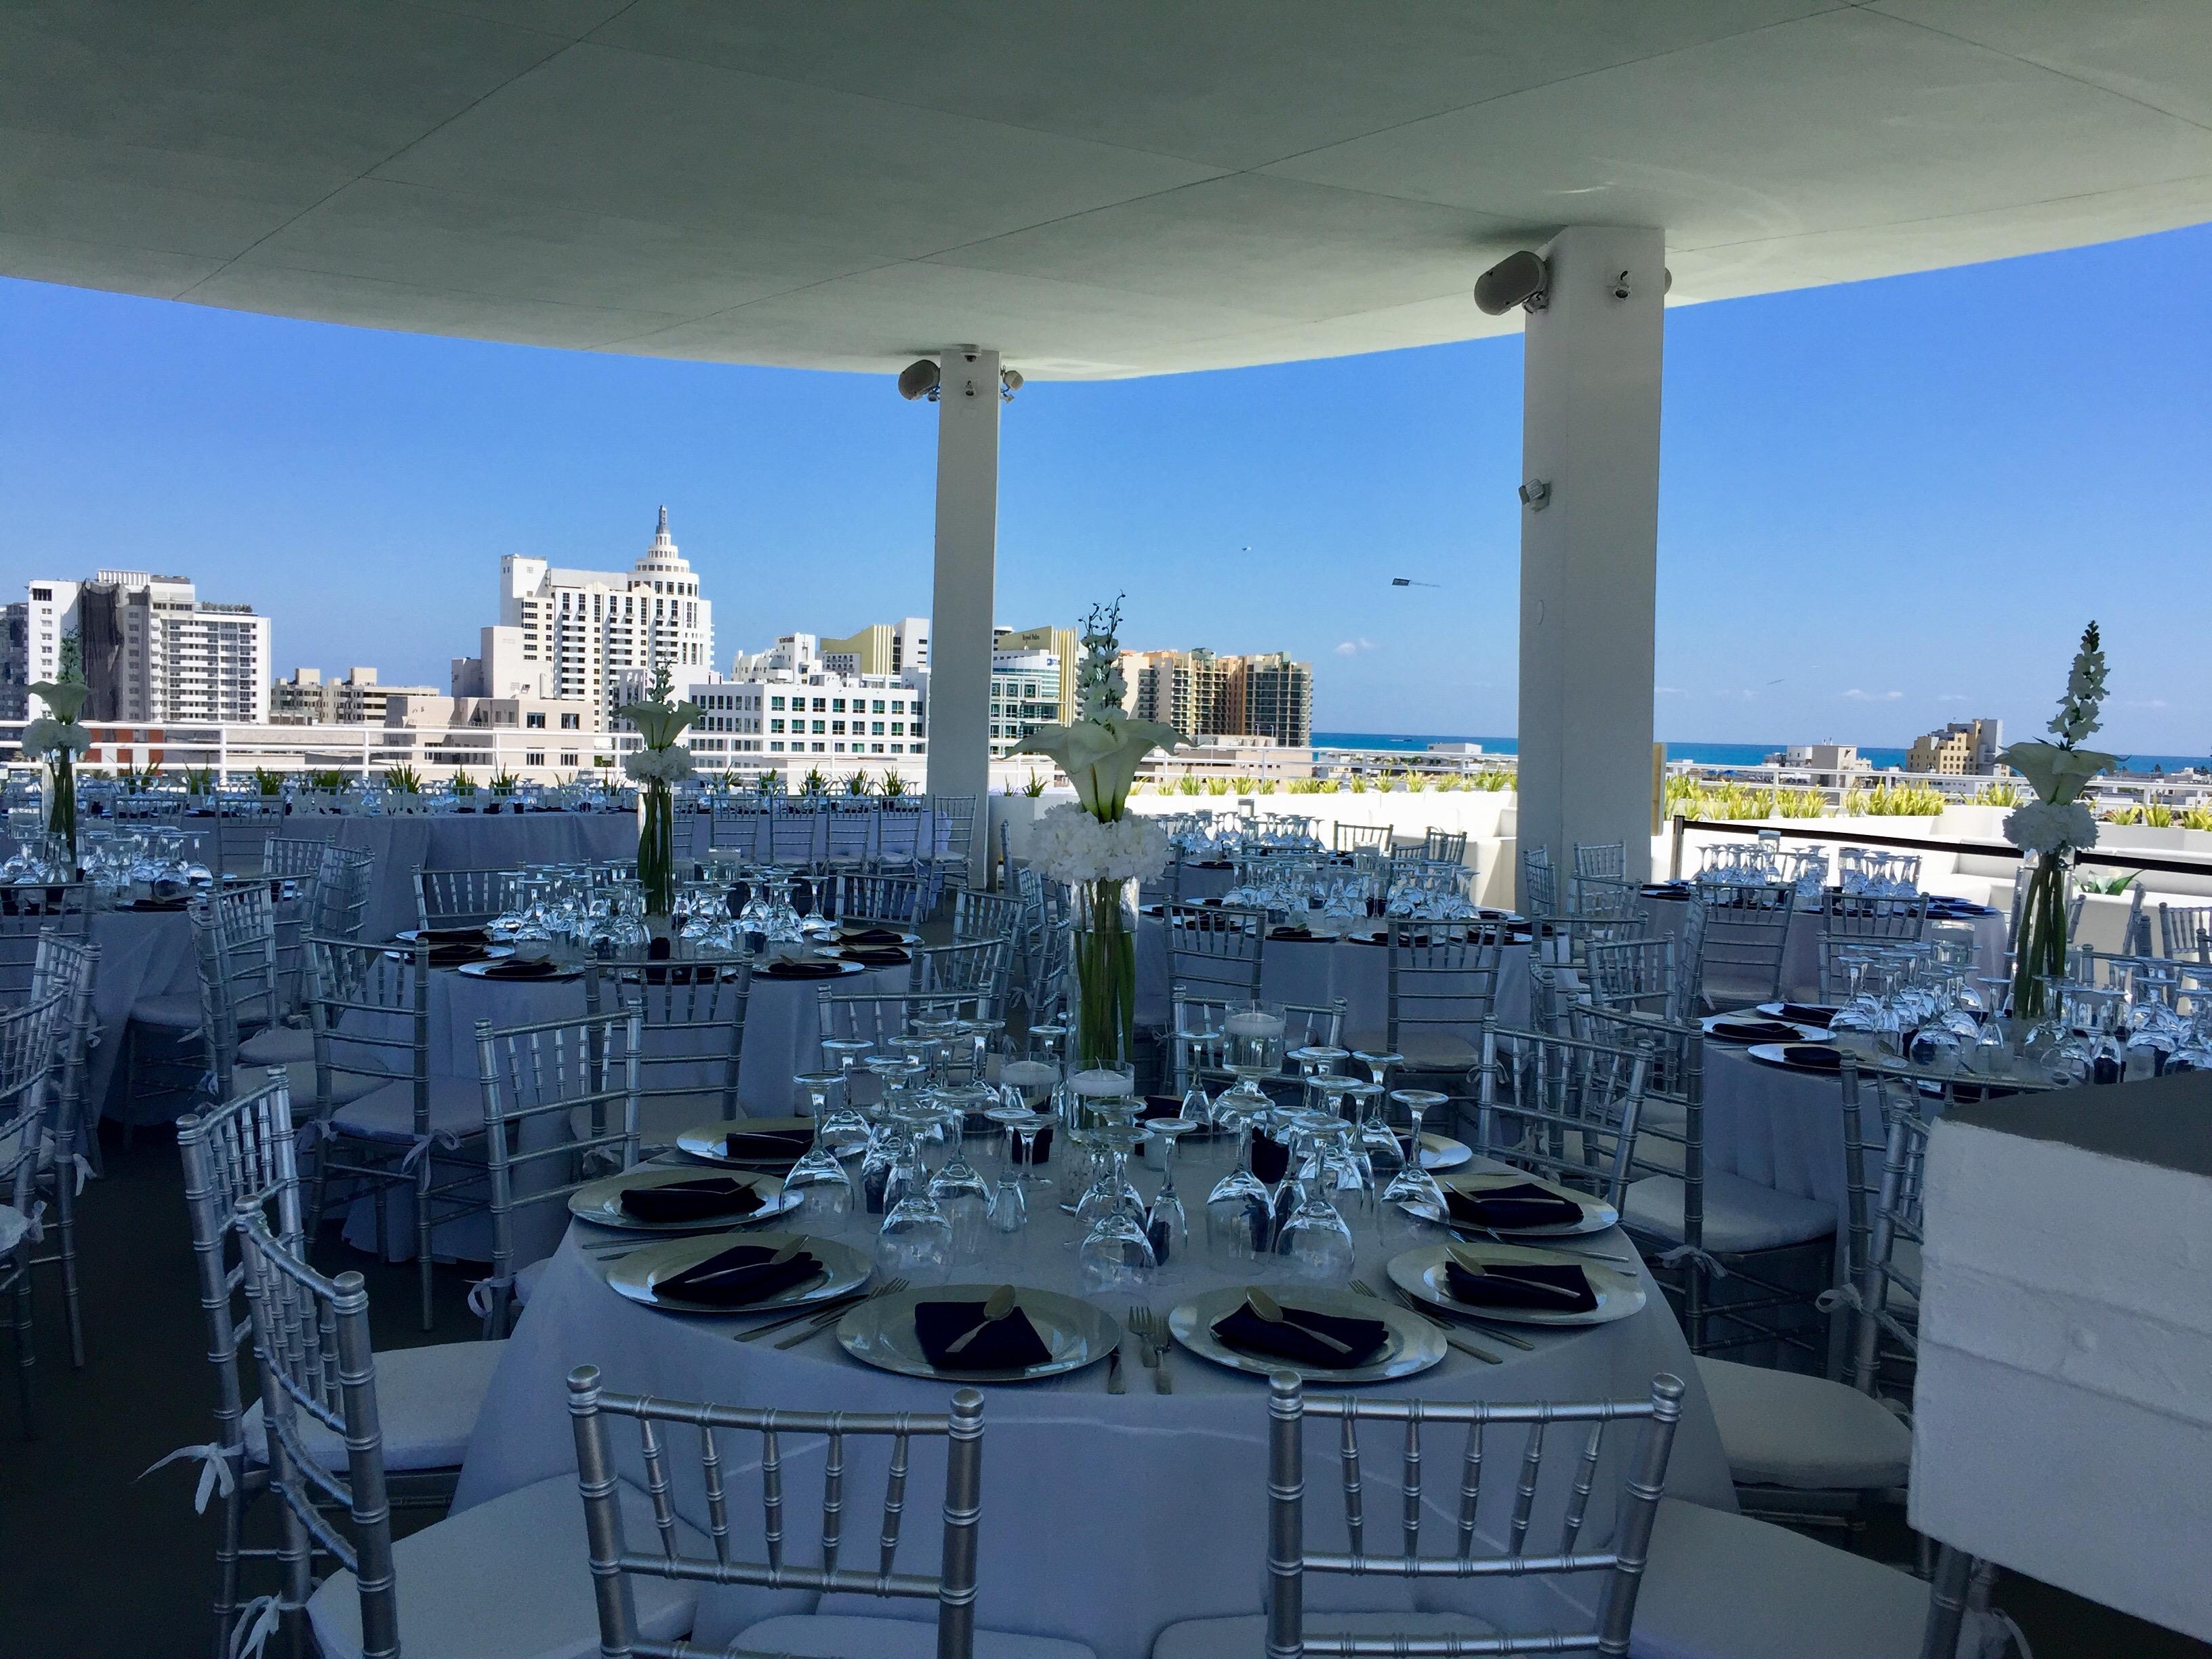 Skydeck Wedding Venue in South Florida  PartySpace